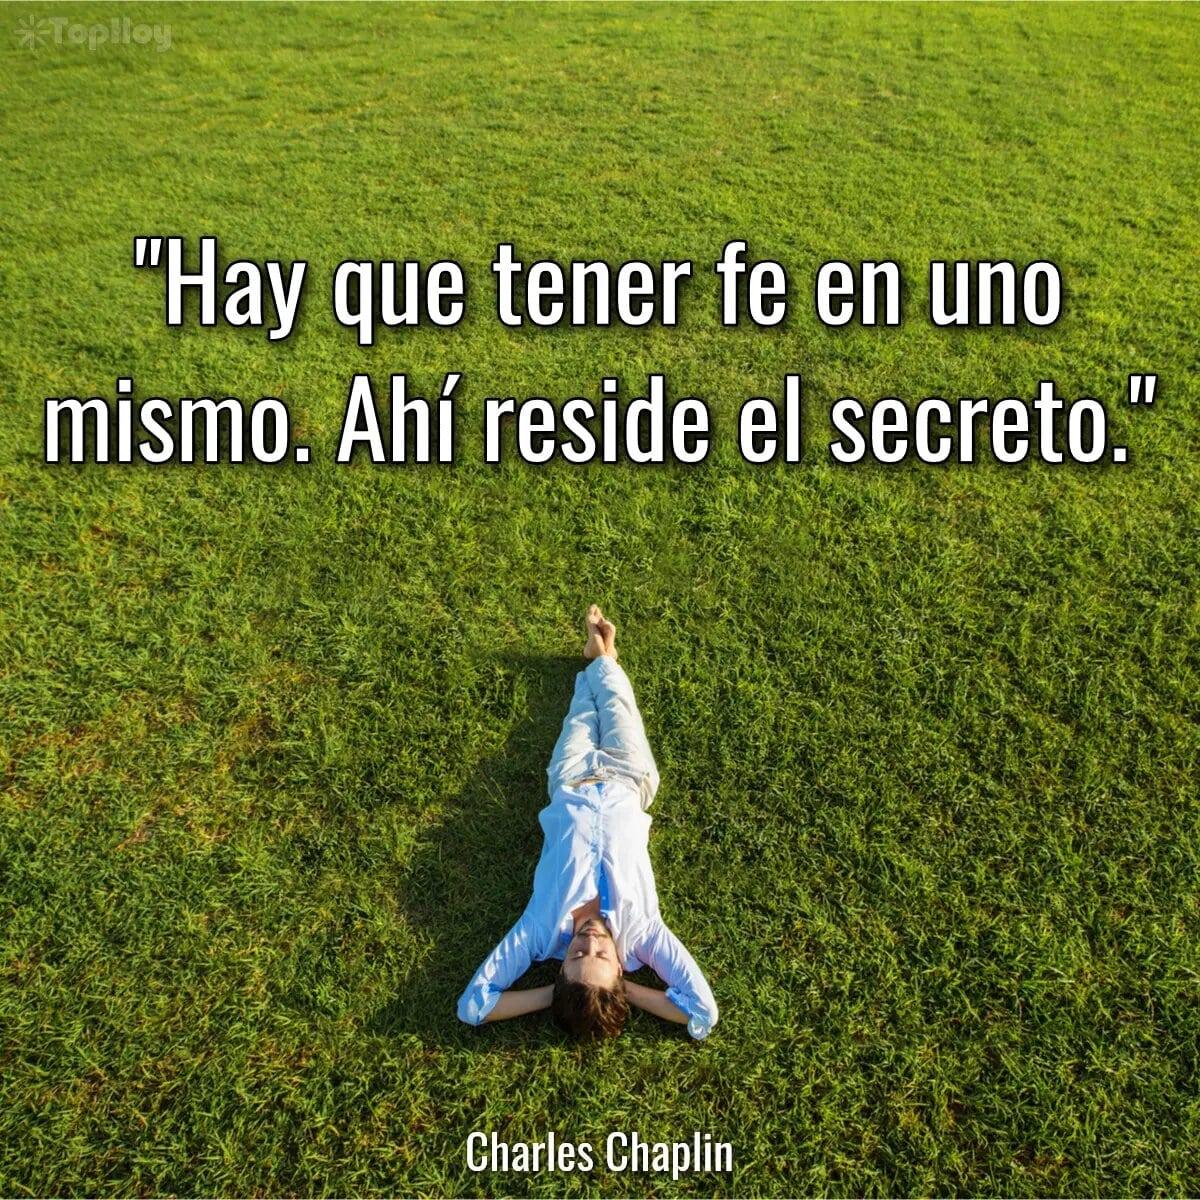 Hay que tener fe en uno mismo. Ahí reside el secreto.